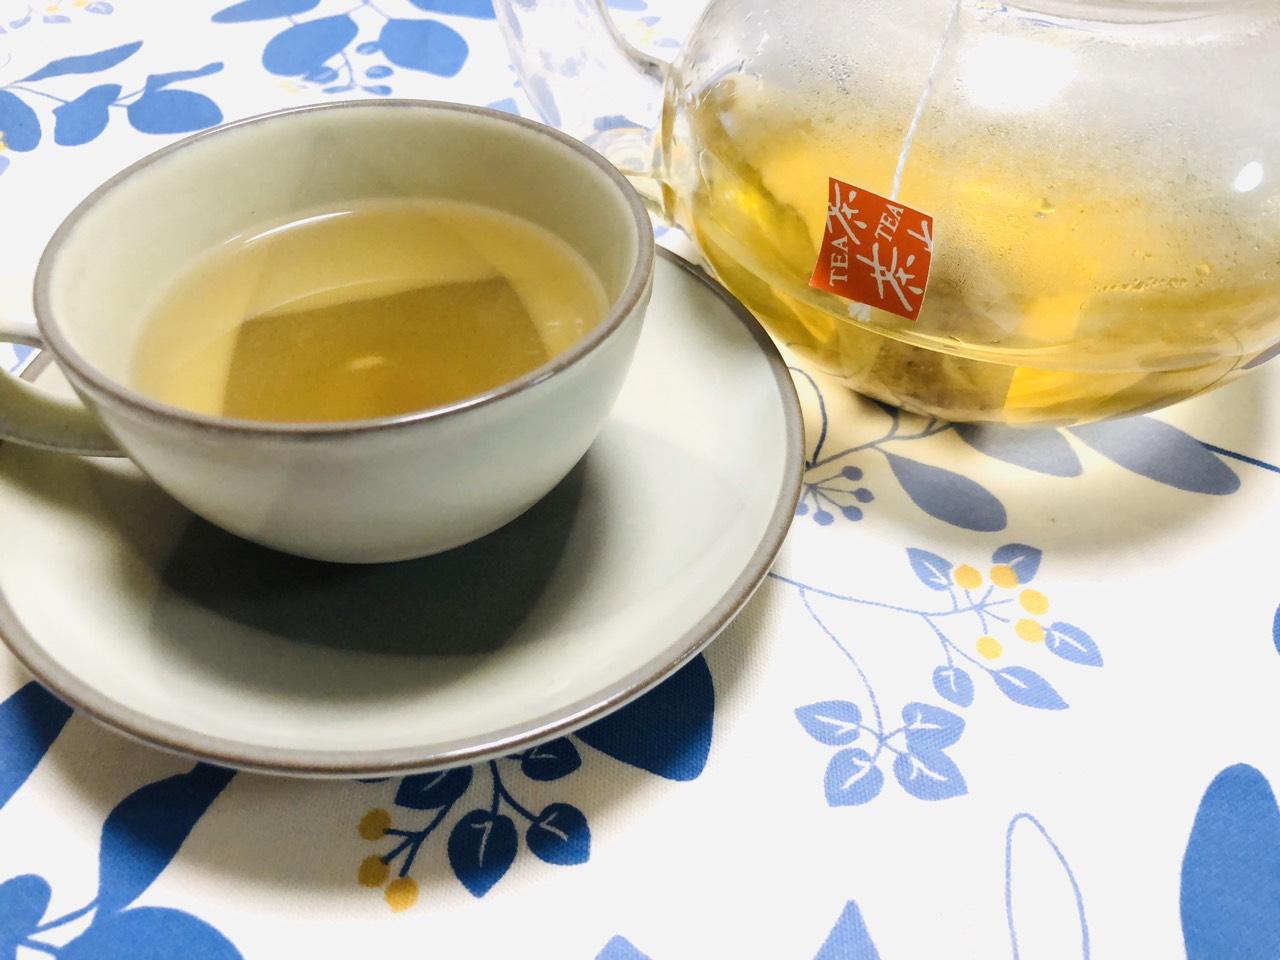 茶 効能 そば 韃靼